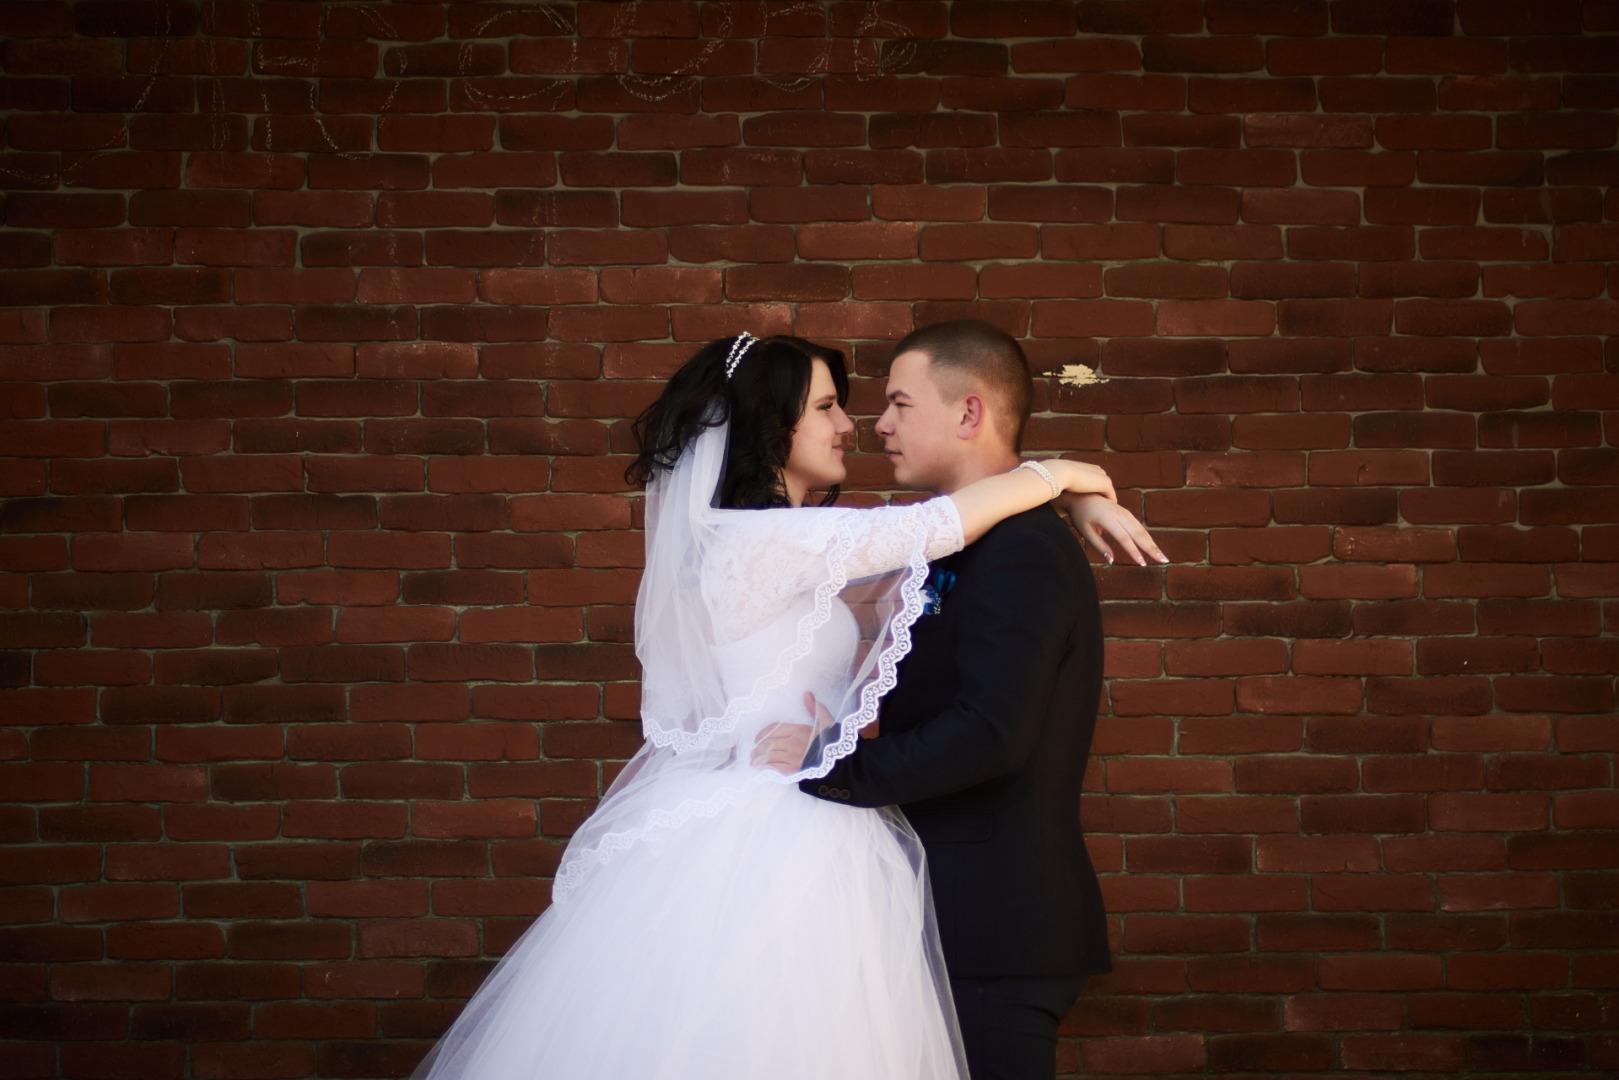 деревянный срубный свадебные фотографы витебска этого, еще